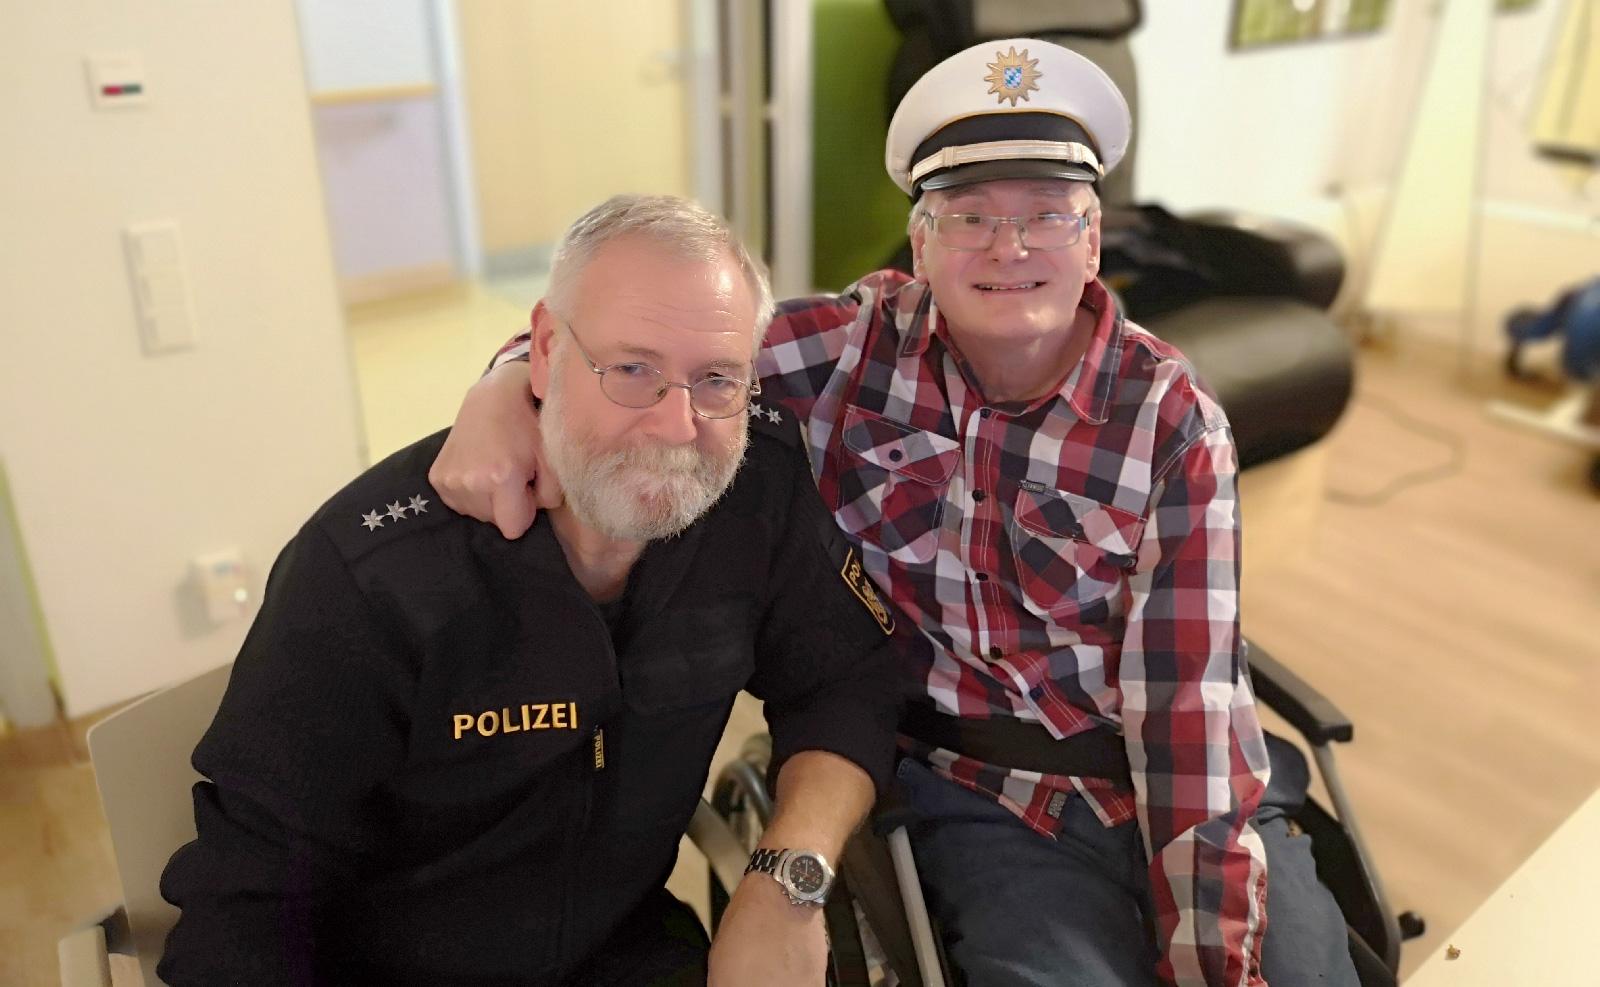 Wohnheim-Bewohner Günther Lanz freute sich sichtlich über den Besuch der Polizei. Für ihn ging ein lang gehegter Wunsch in Erfüllung.